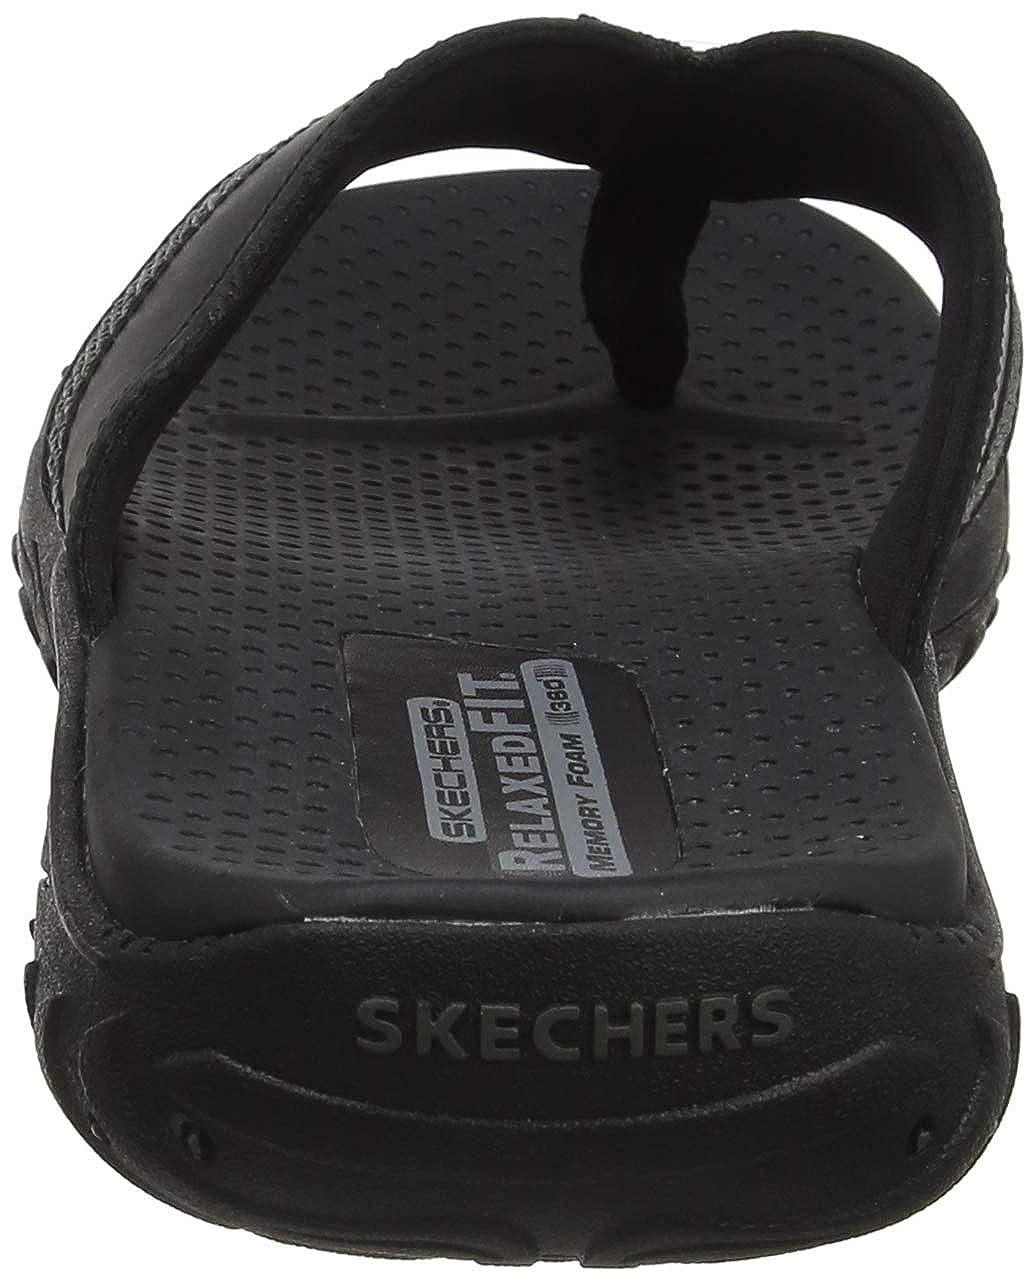 169954de9 Skechers Men s Reggae-cobano Flip Flops  Amazon.co.uk  Shoes   Bags